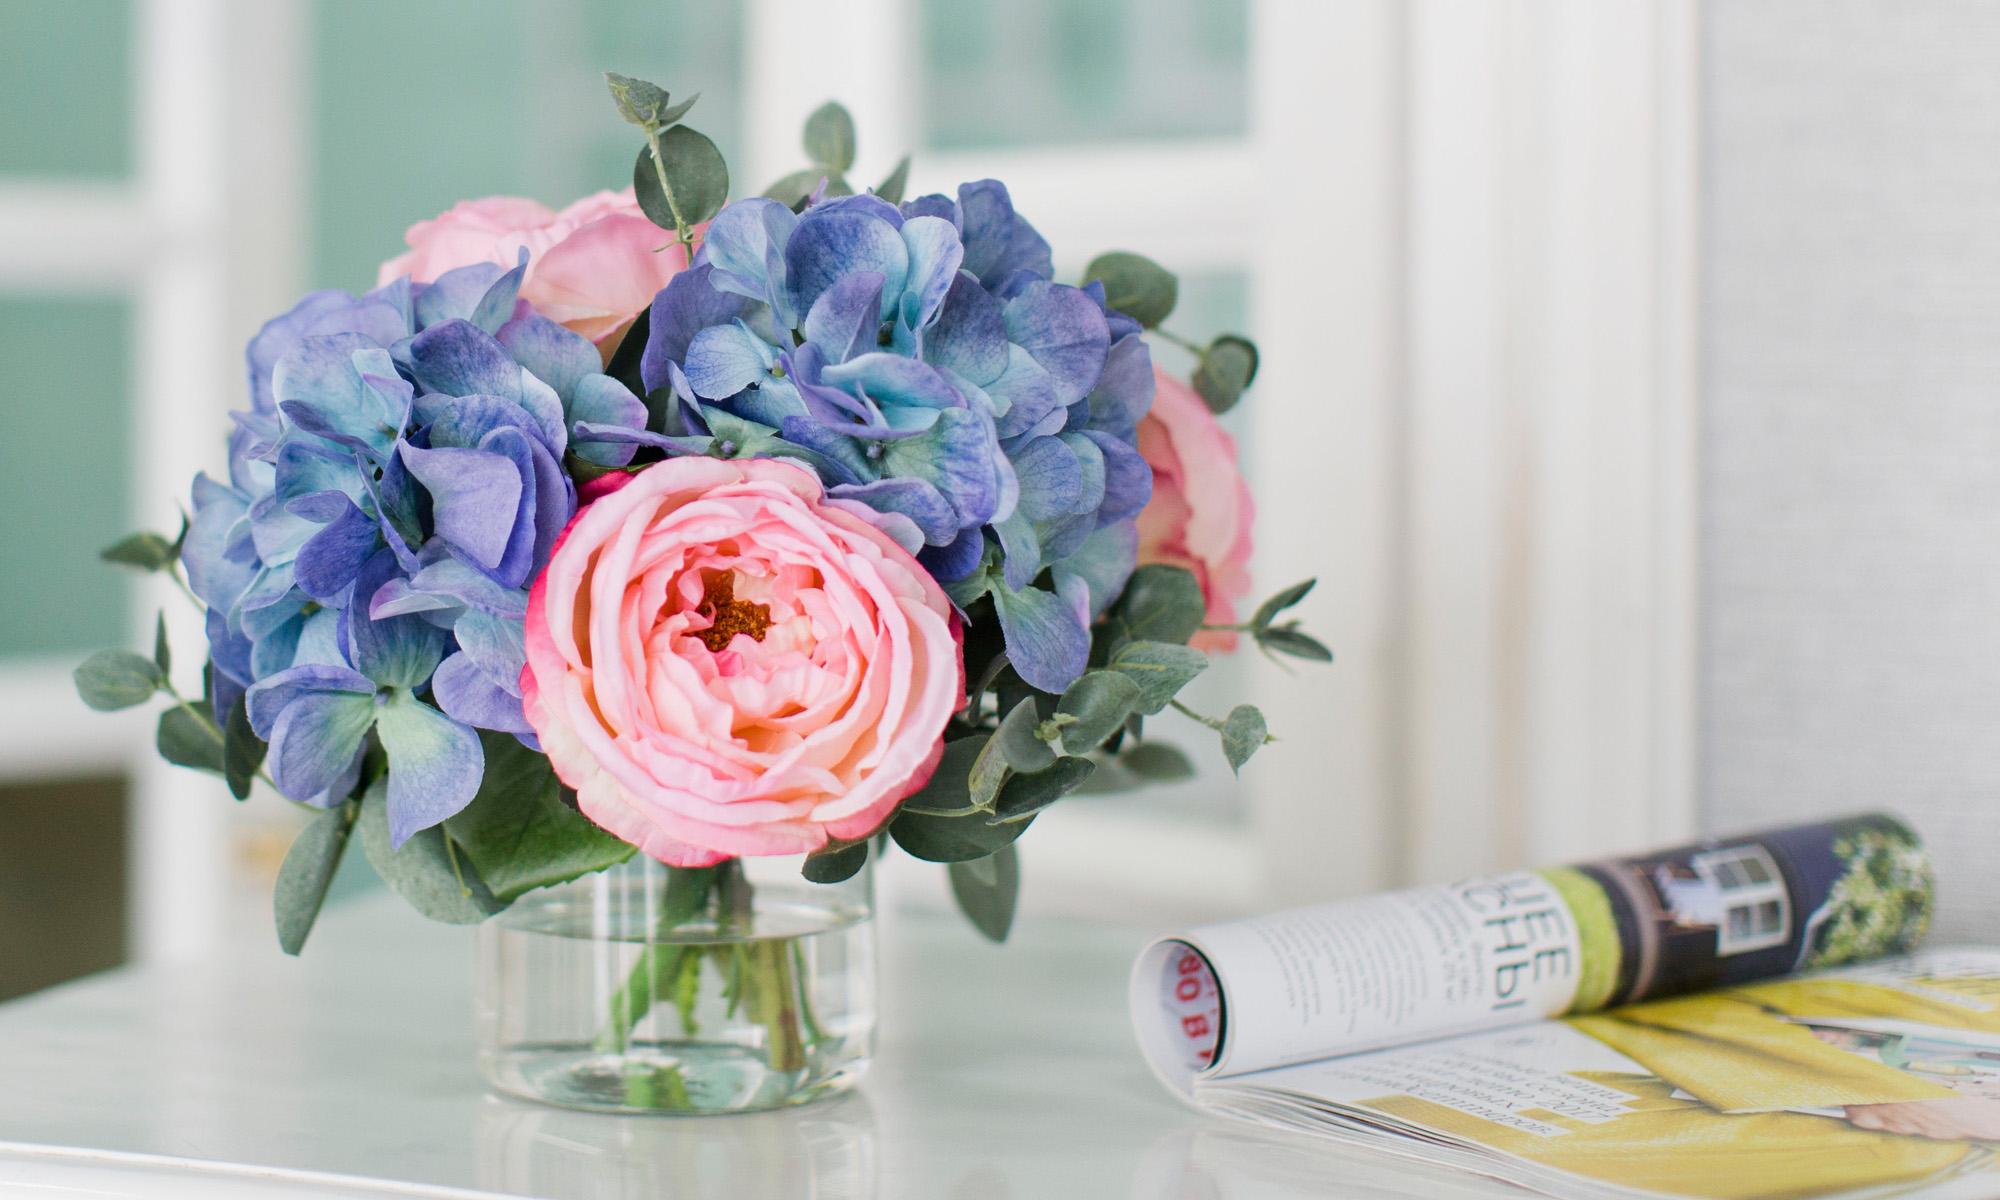 Купить Композиция из искусственных цветов - голубая гортензия, розы, эвкалипт, inmyroom, Россия